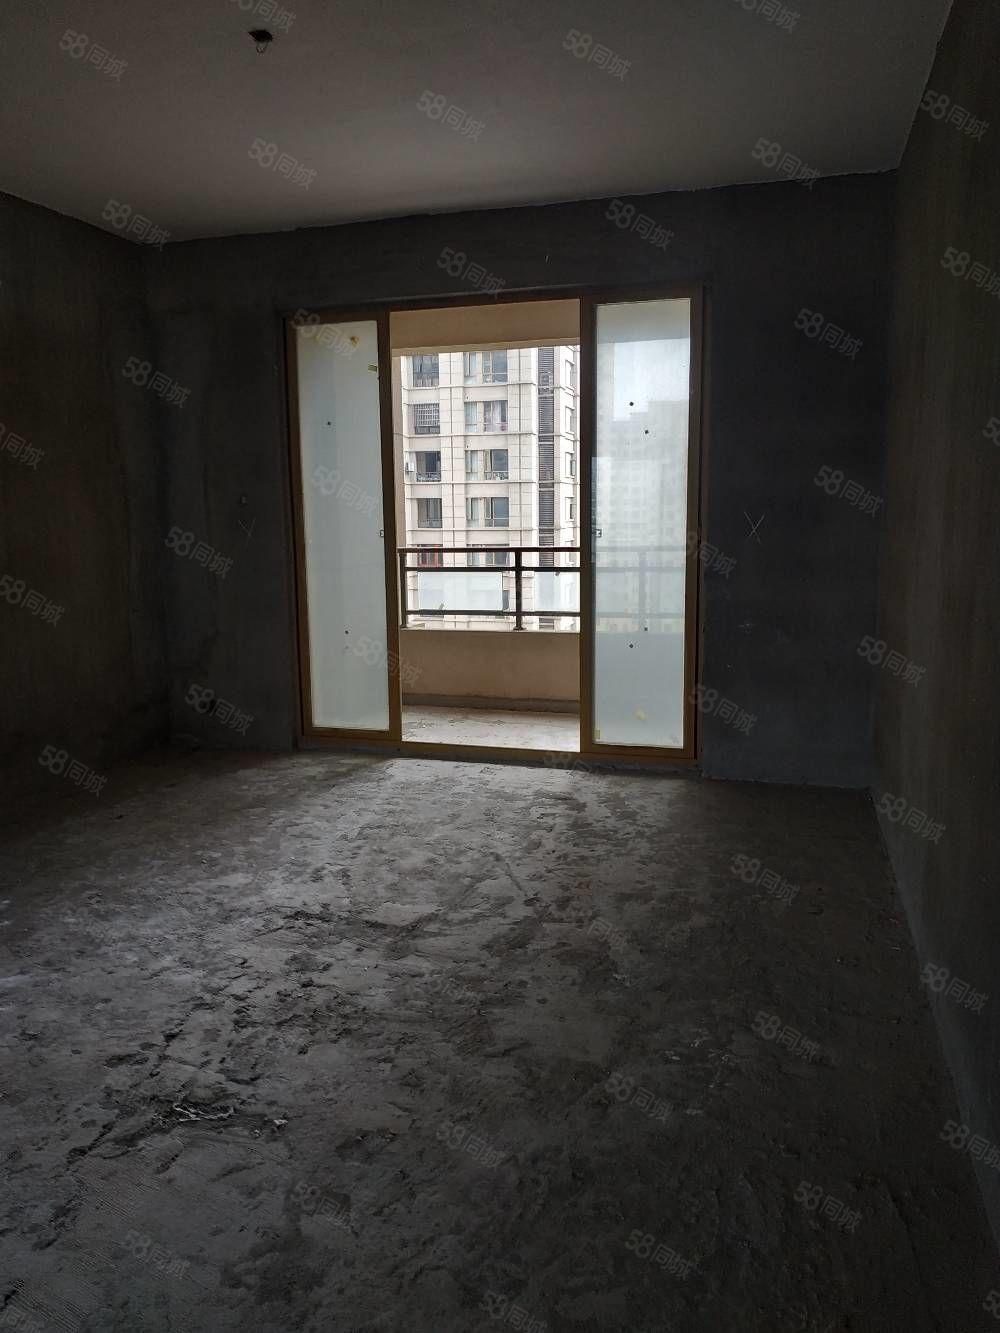 緊急出售,新建中心毛坯房,房東生意急需資金,限時出售